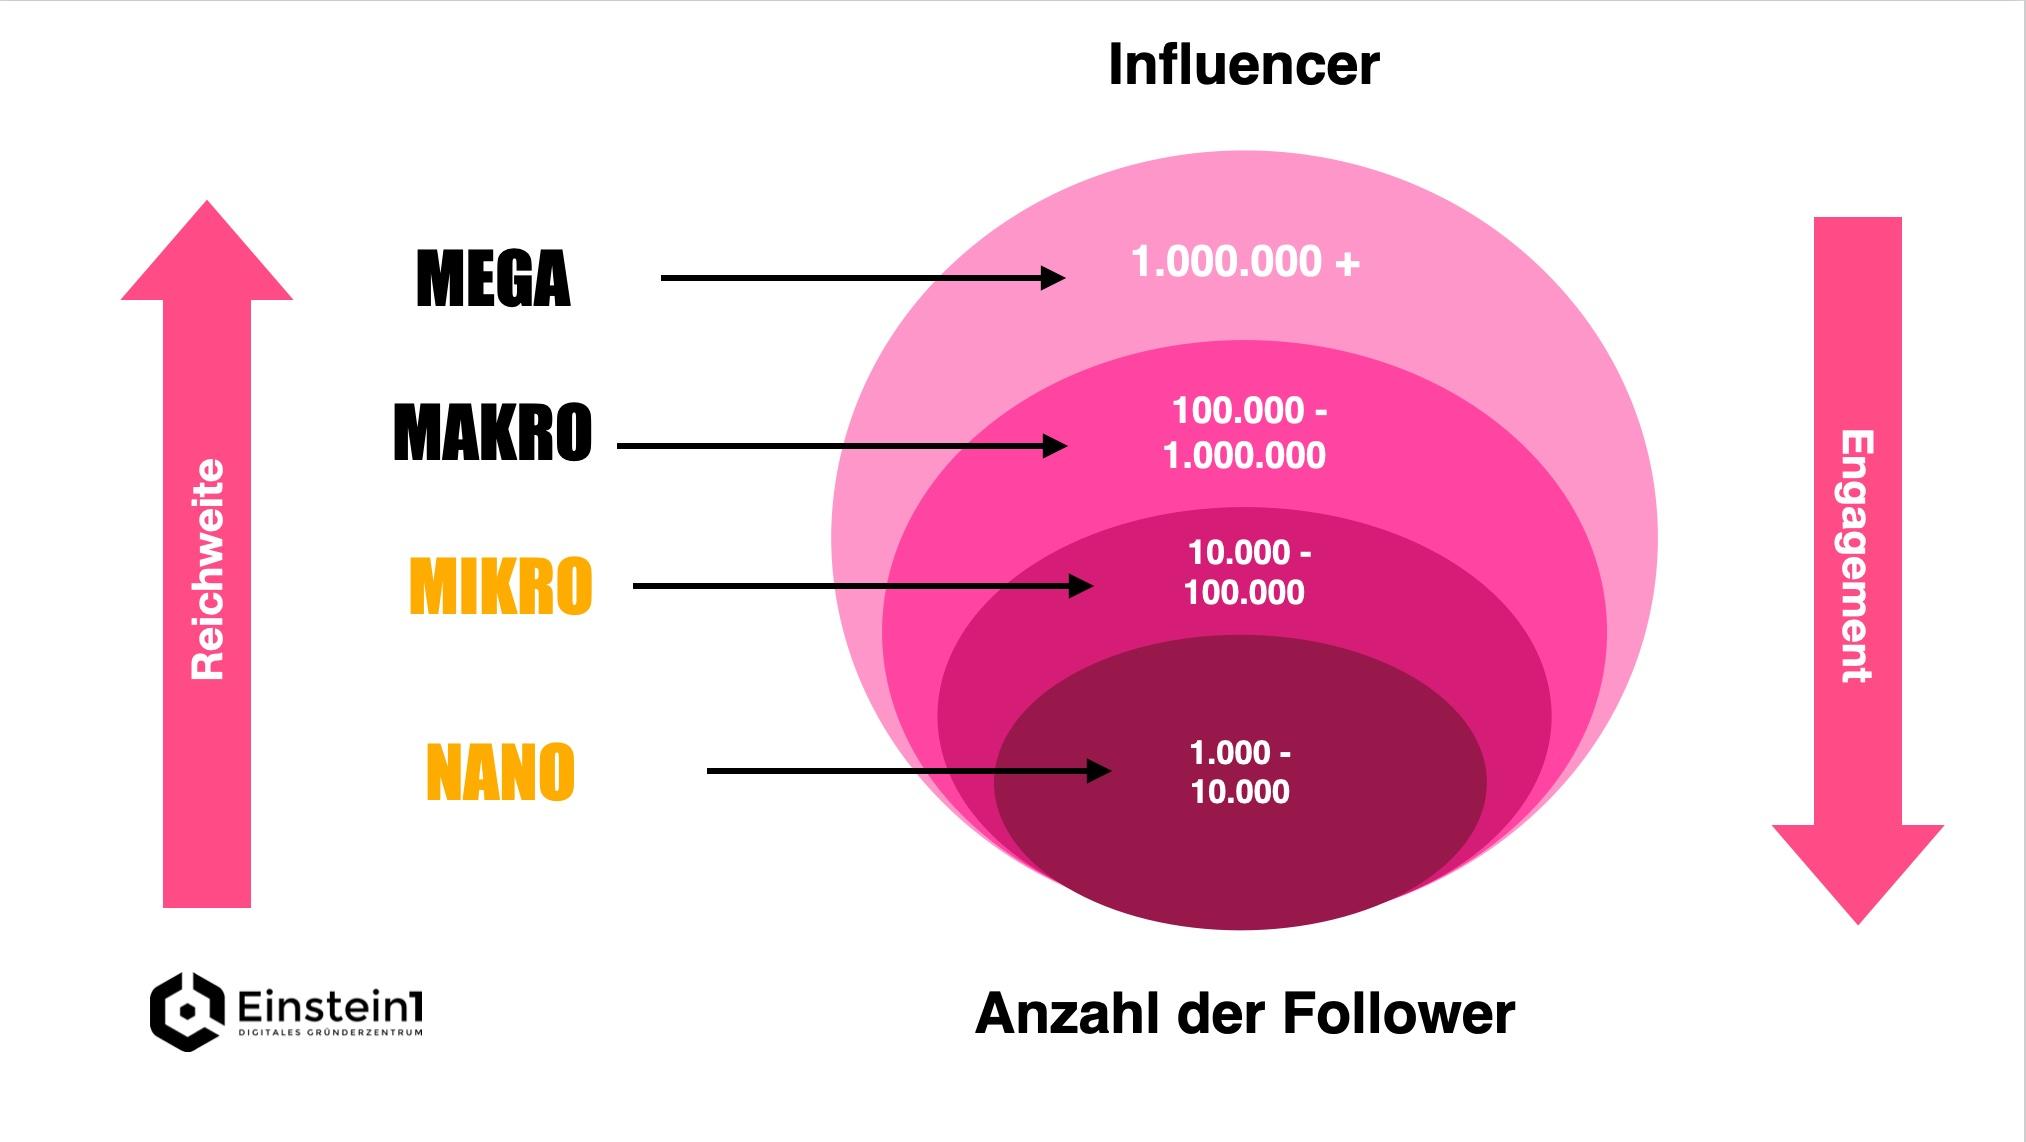 nano-influencer-kleine-influencer-mit-hoher-autorität-arten-von-influencern-einstein1